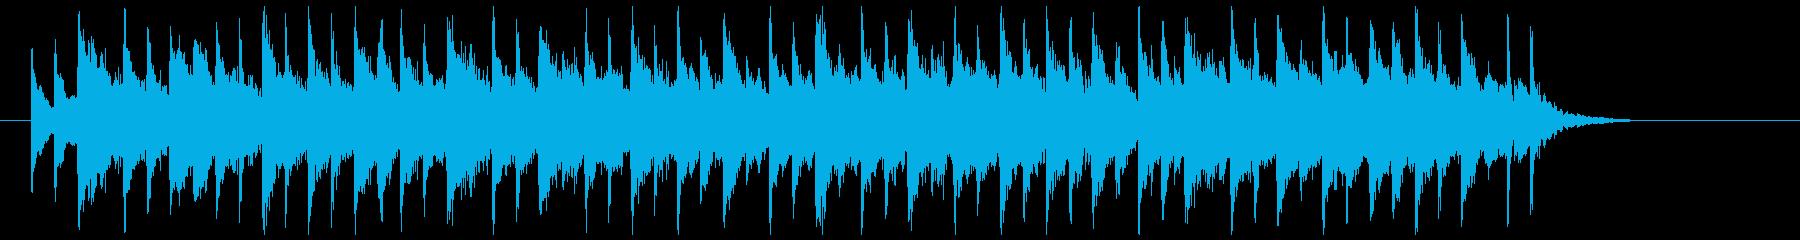 和楽器を使った幻想的な和風バラードBGMの再生済みの波形